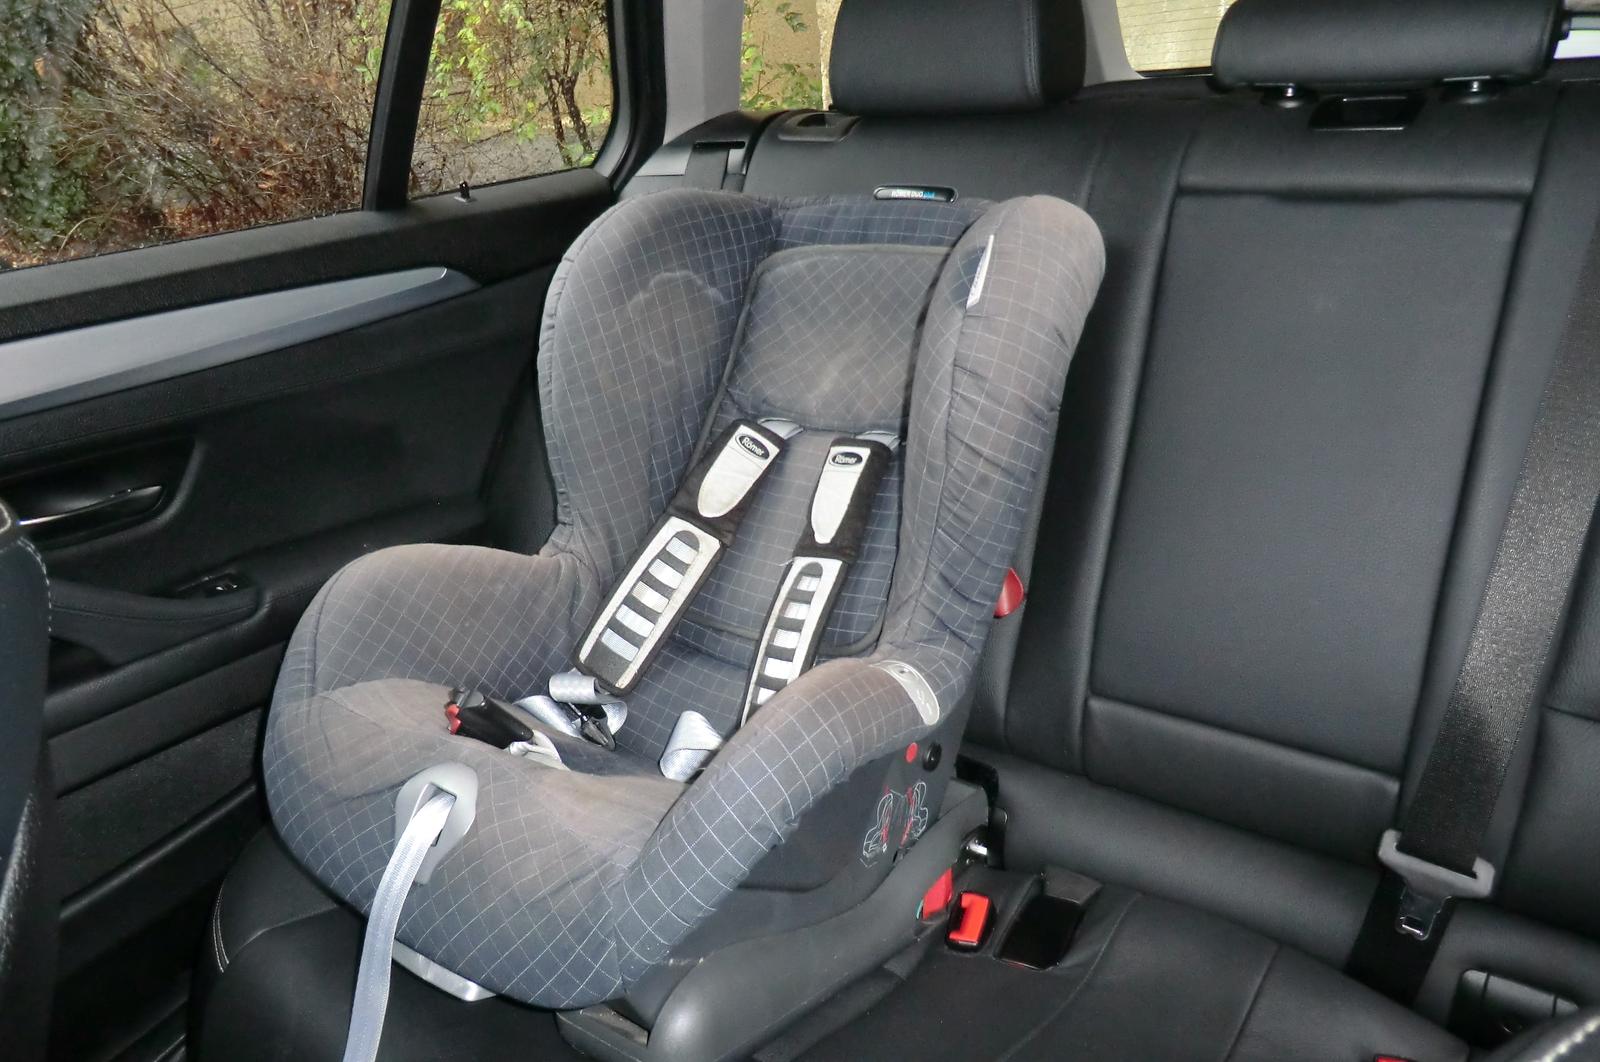 7bafb158d9 Józan szülő sosem viszi gyerekülés nélkül csemetéjét autóban. Pedig a  szabályzás megengedné: taxiban nem kötelező annak használata